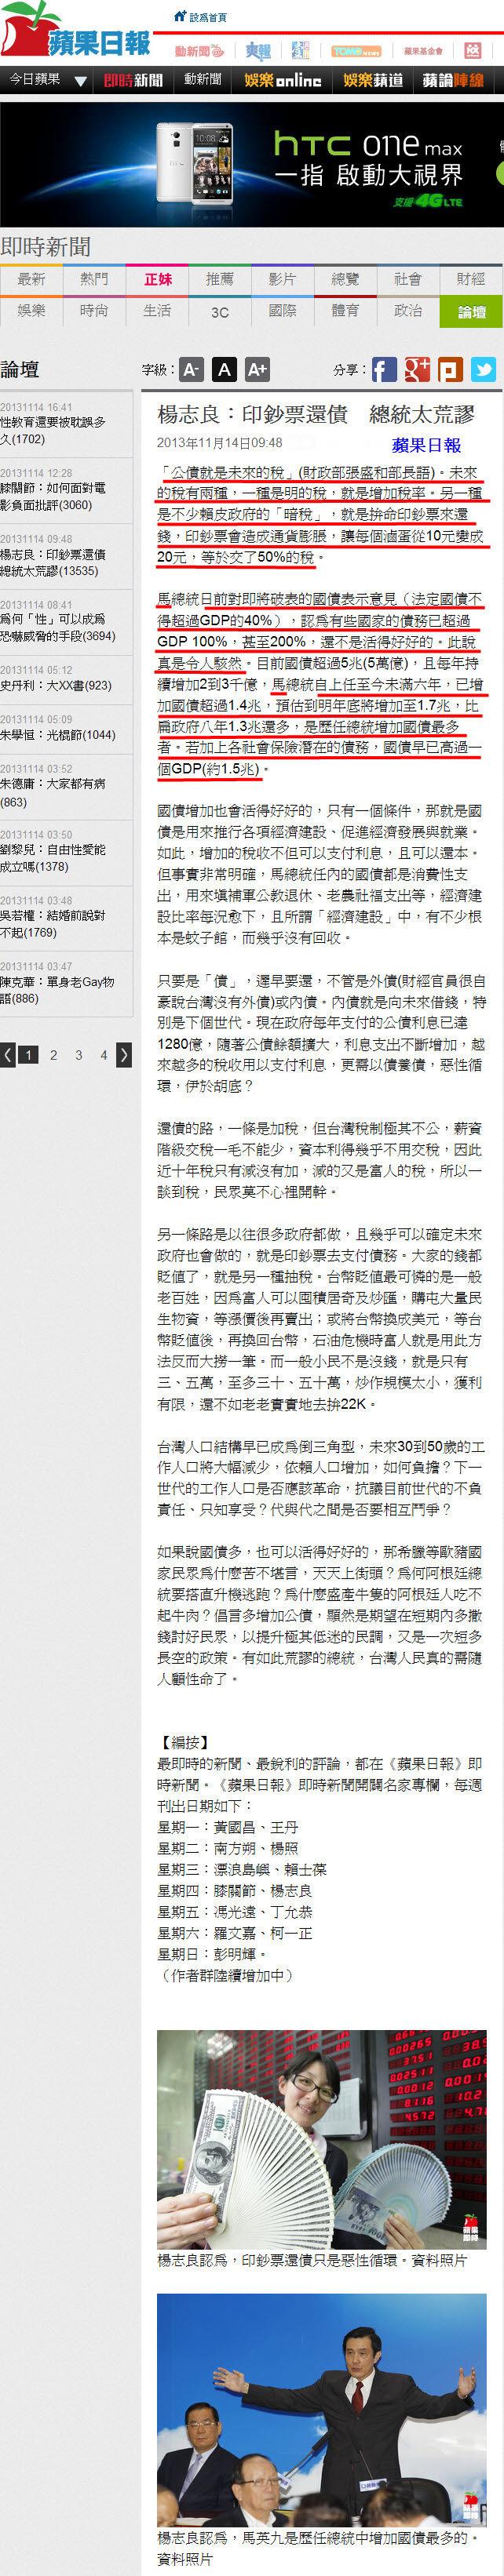 楊志良:印鈔票還債 總統太荒謬-2013.11.14-01.jpg